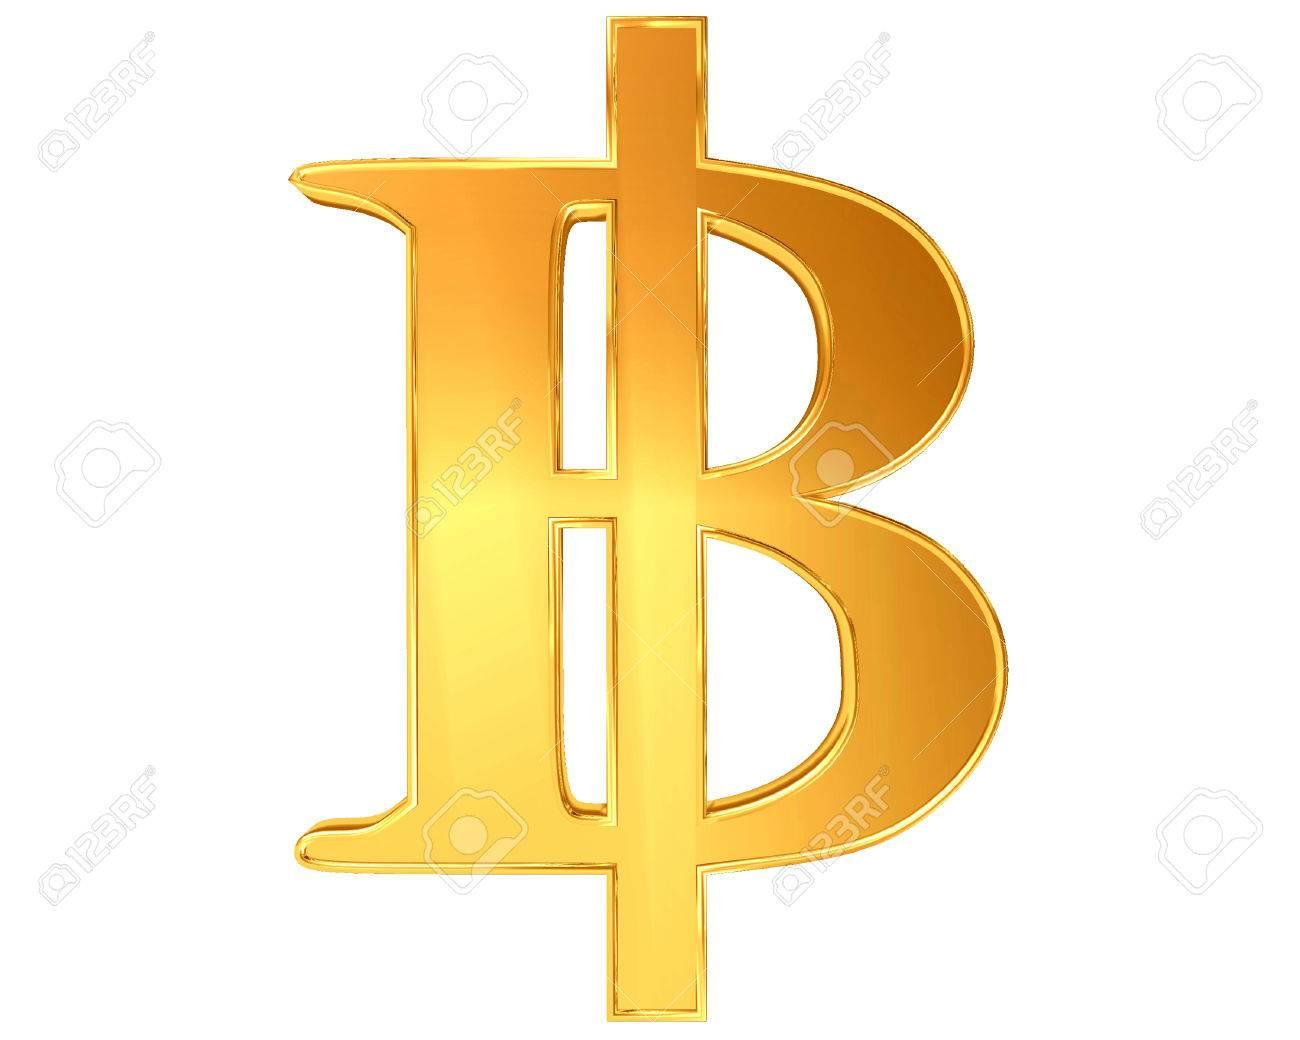 Das Zeichen Und Symbol Der Thai Baht Bitcoins Auf Einem Weien